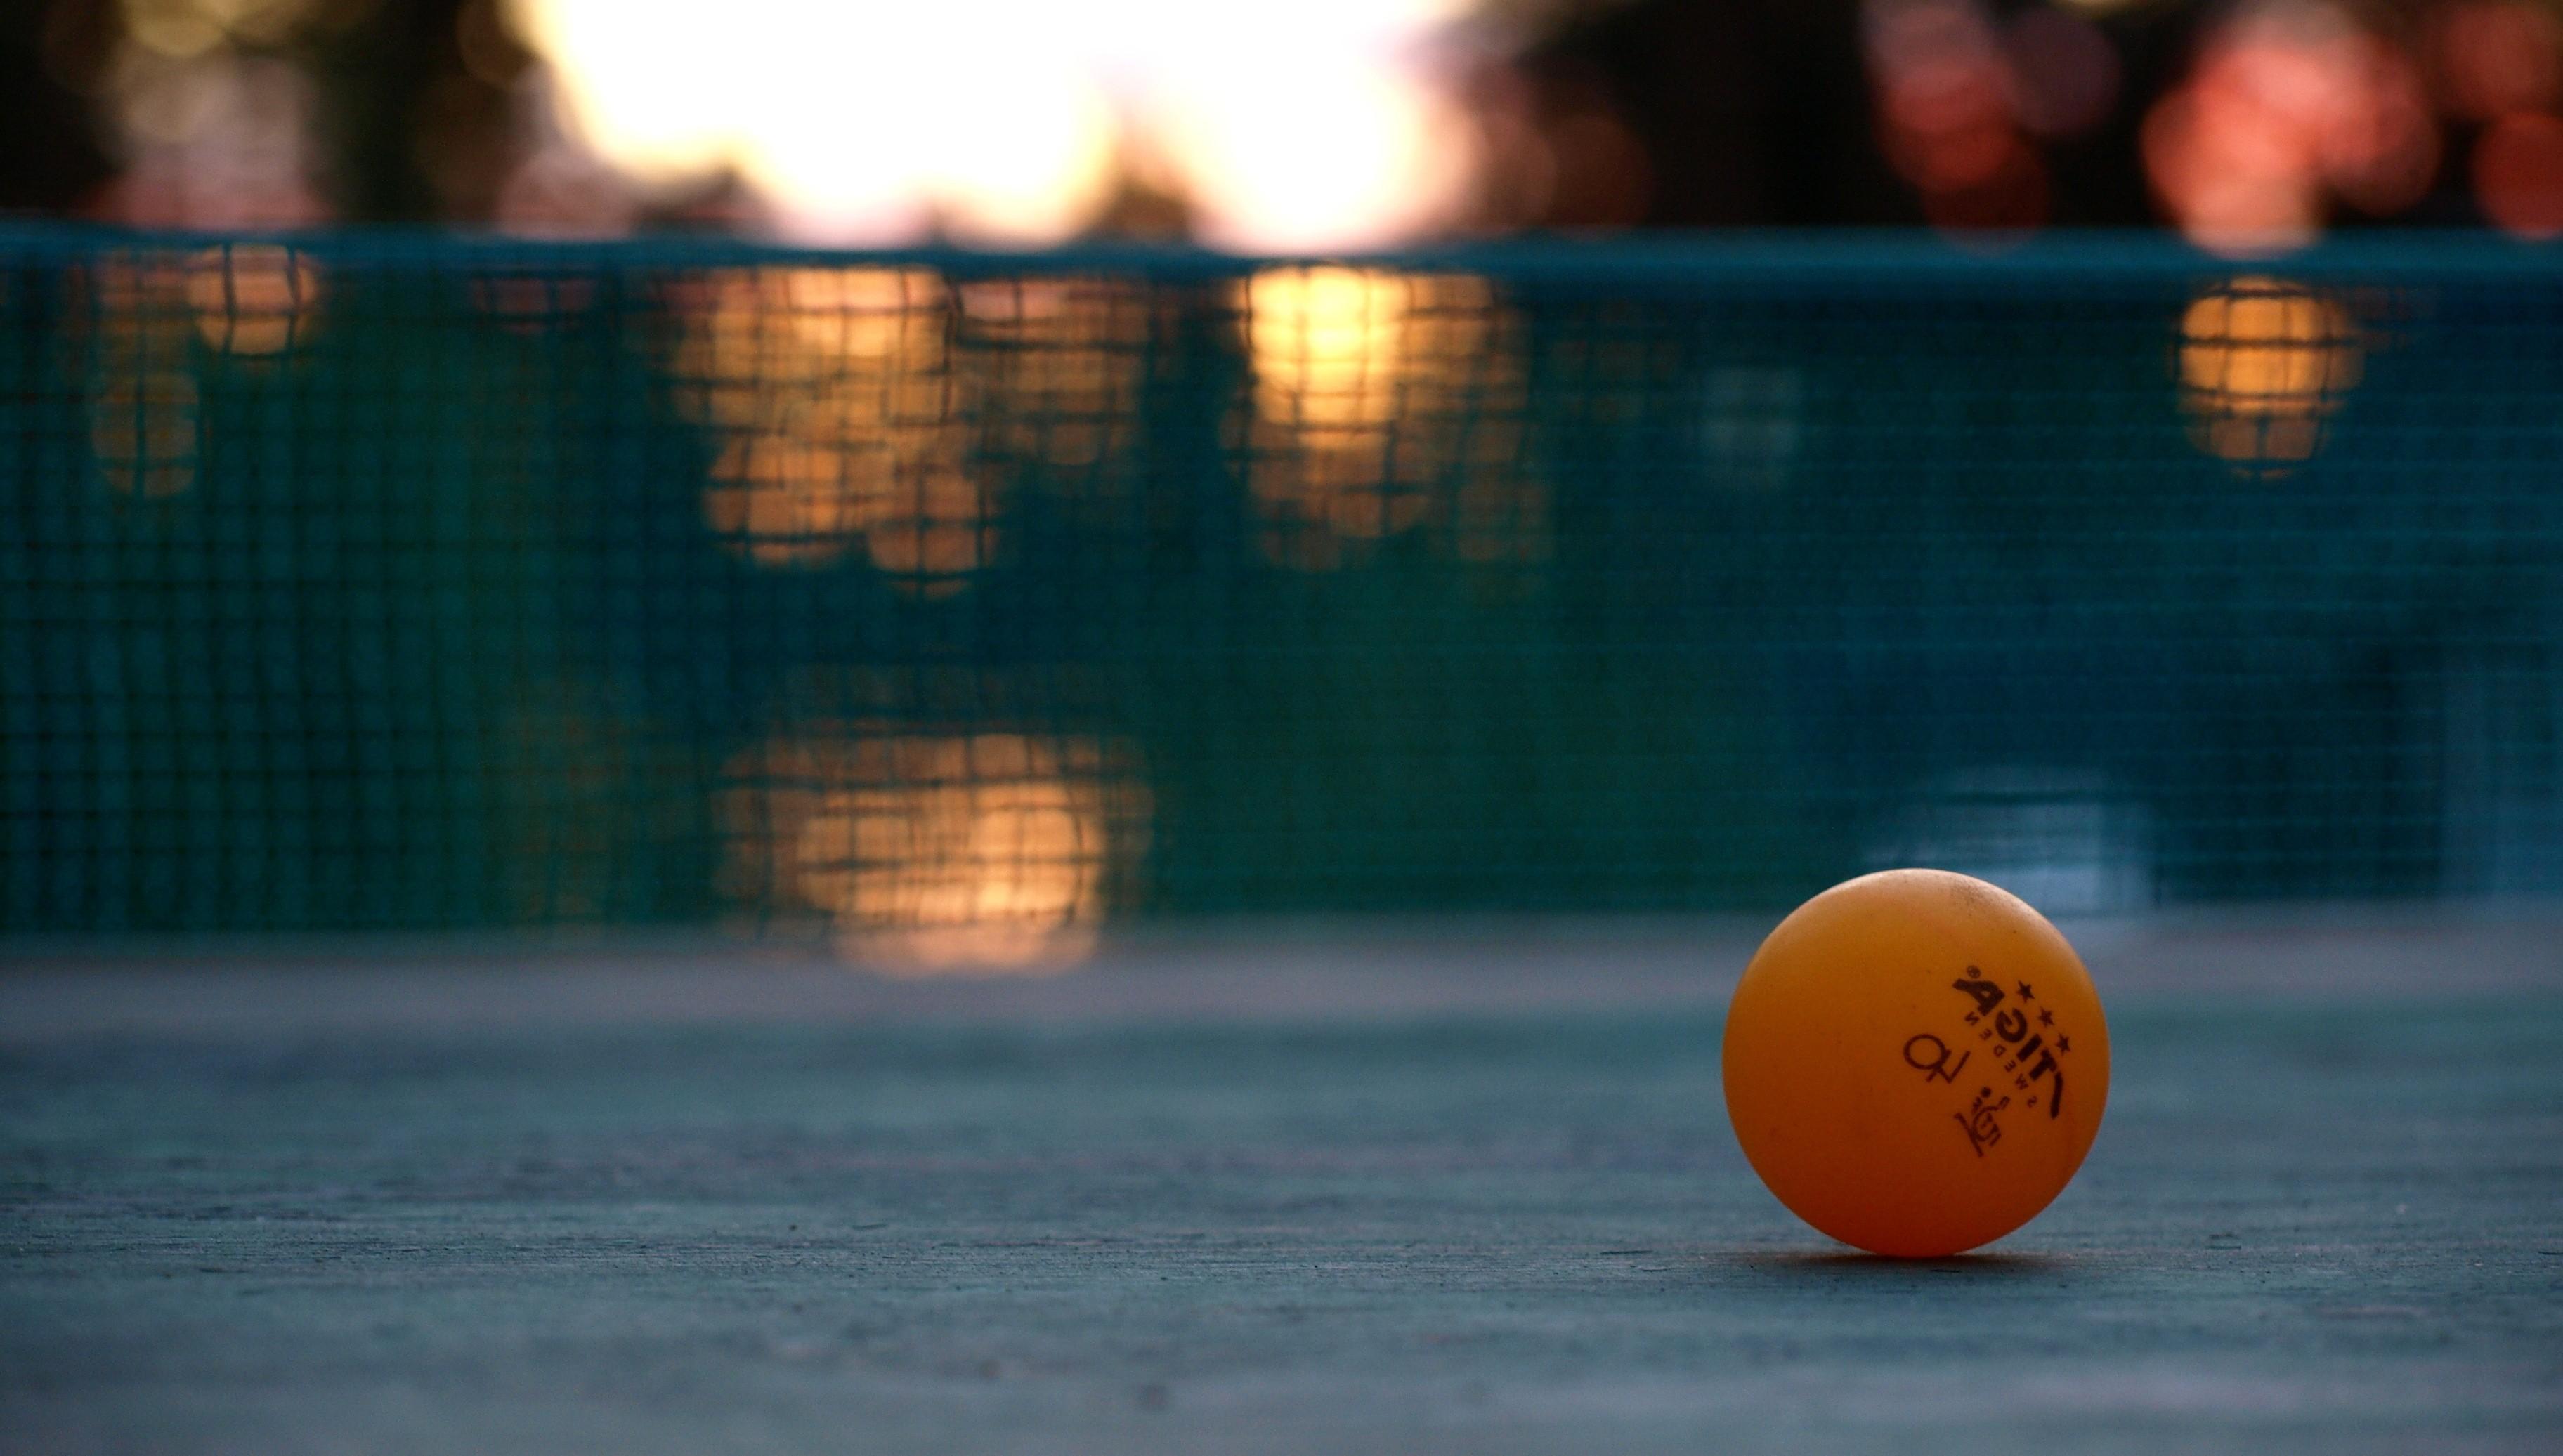 ping pong ball widescreen wallpaper 64908